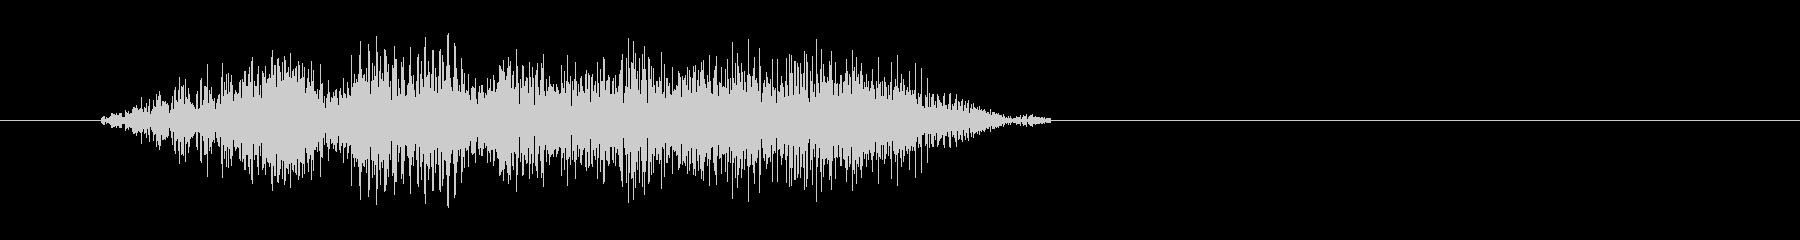 チュイッ(シンプルでレトロな選択音)の未再生の波形